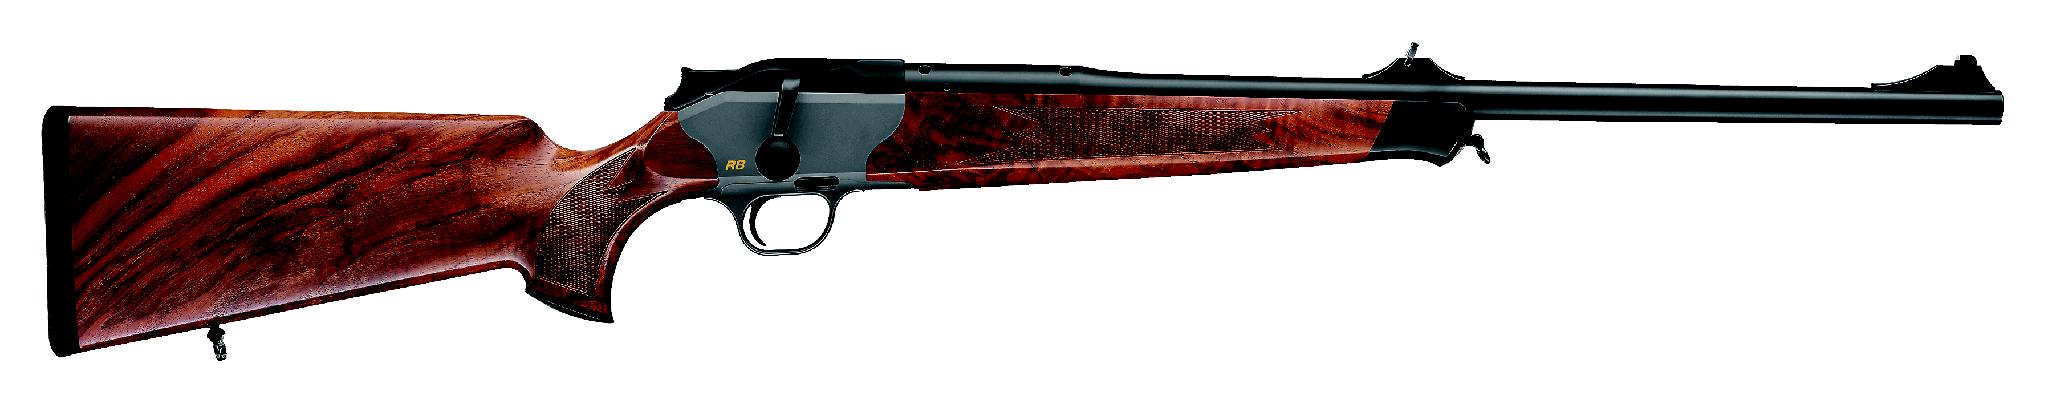 Blaser R8 rifle